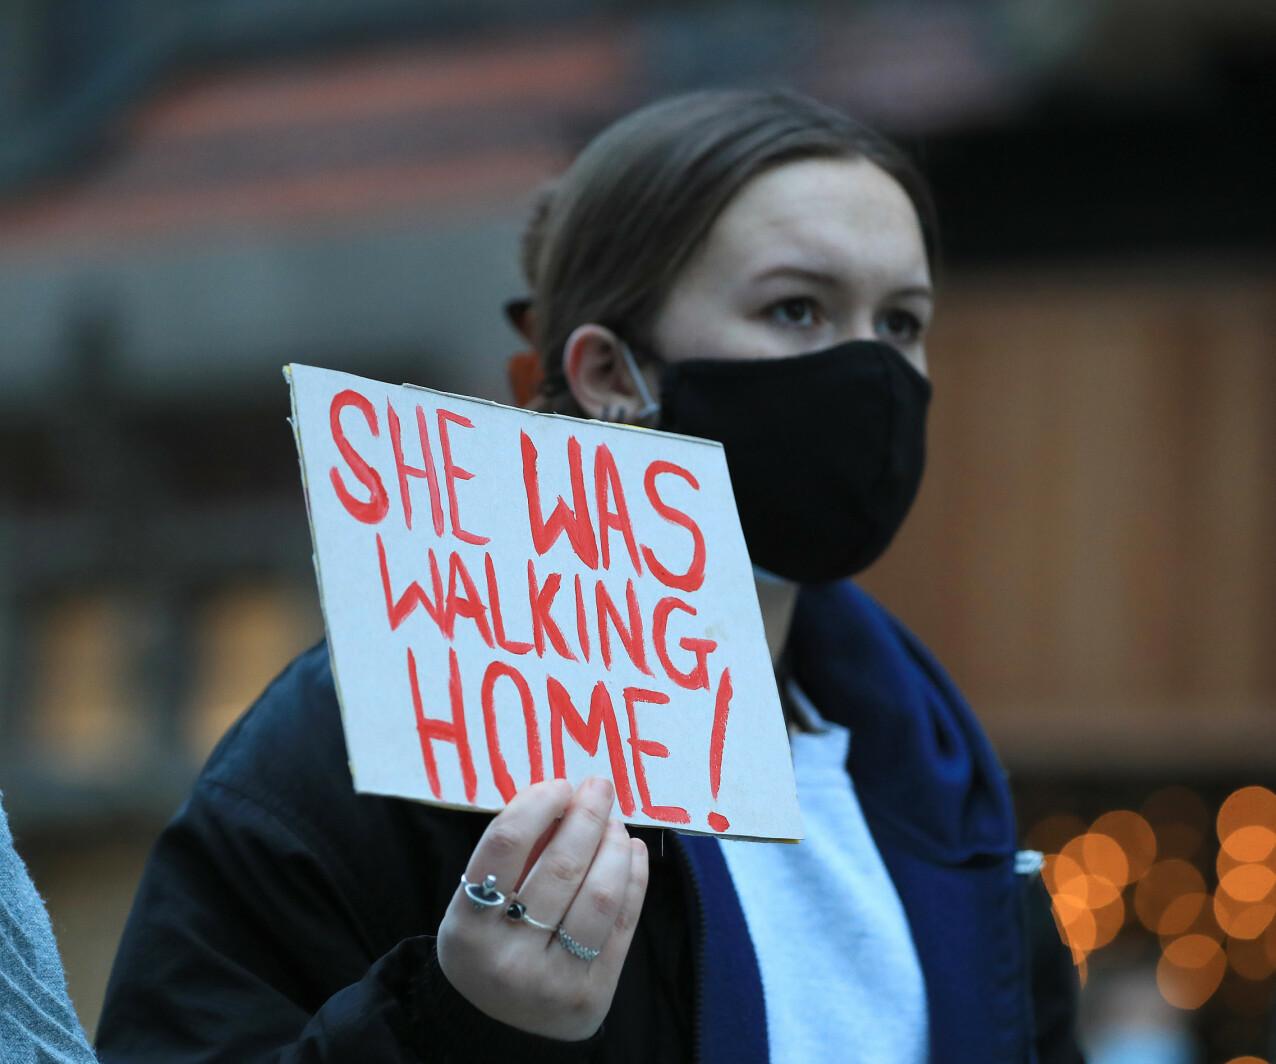 DEMONSTRASJONER: I kjølvannet av det brutale drapet har briter demonstrert i Londons gater. FOTO: NTB